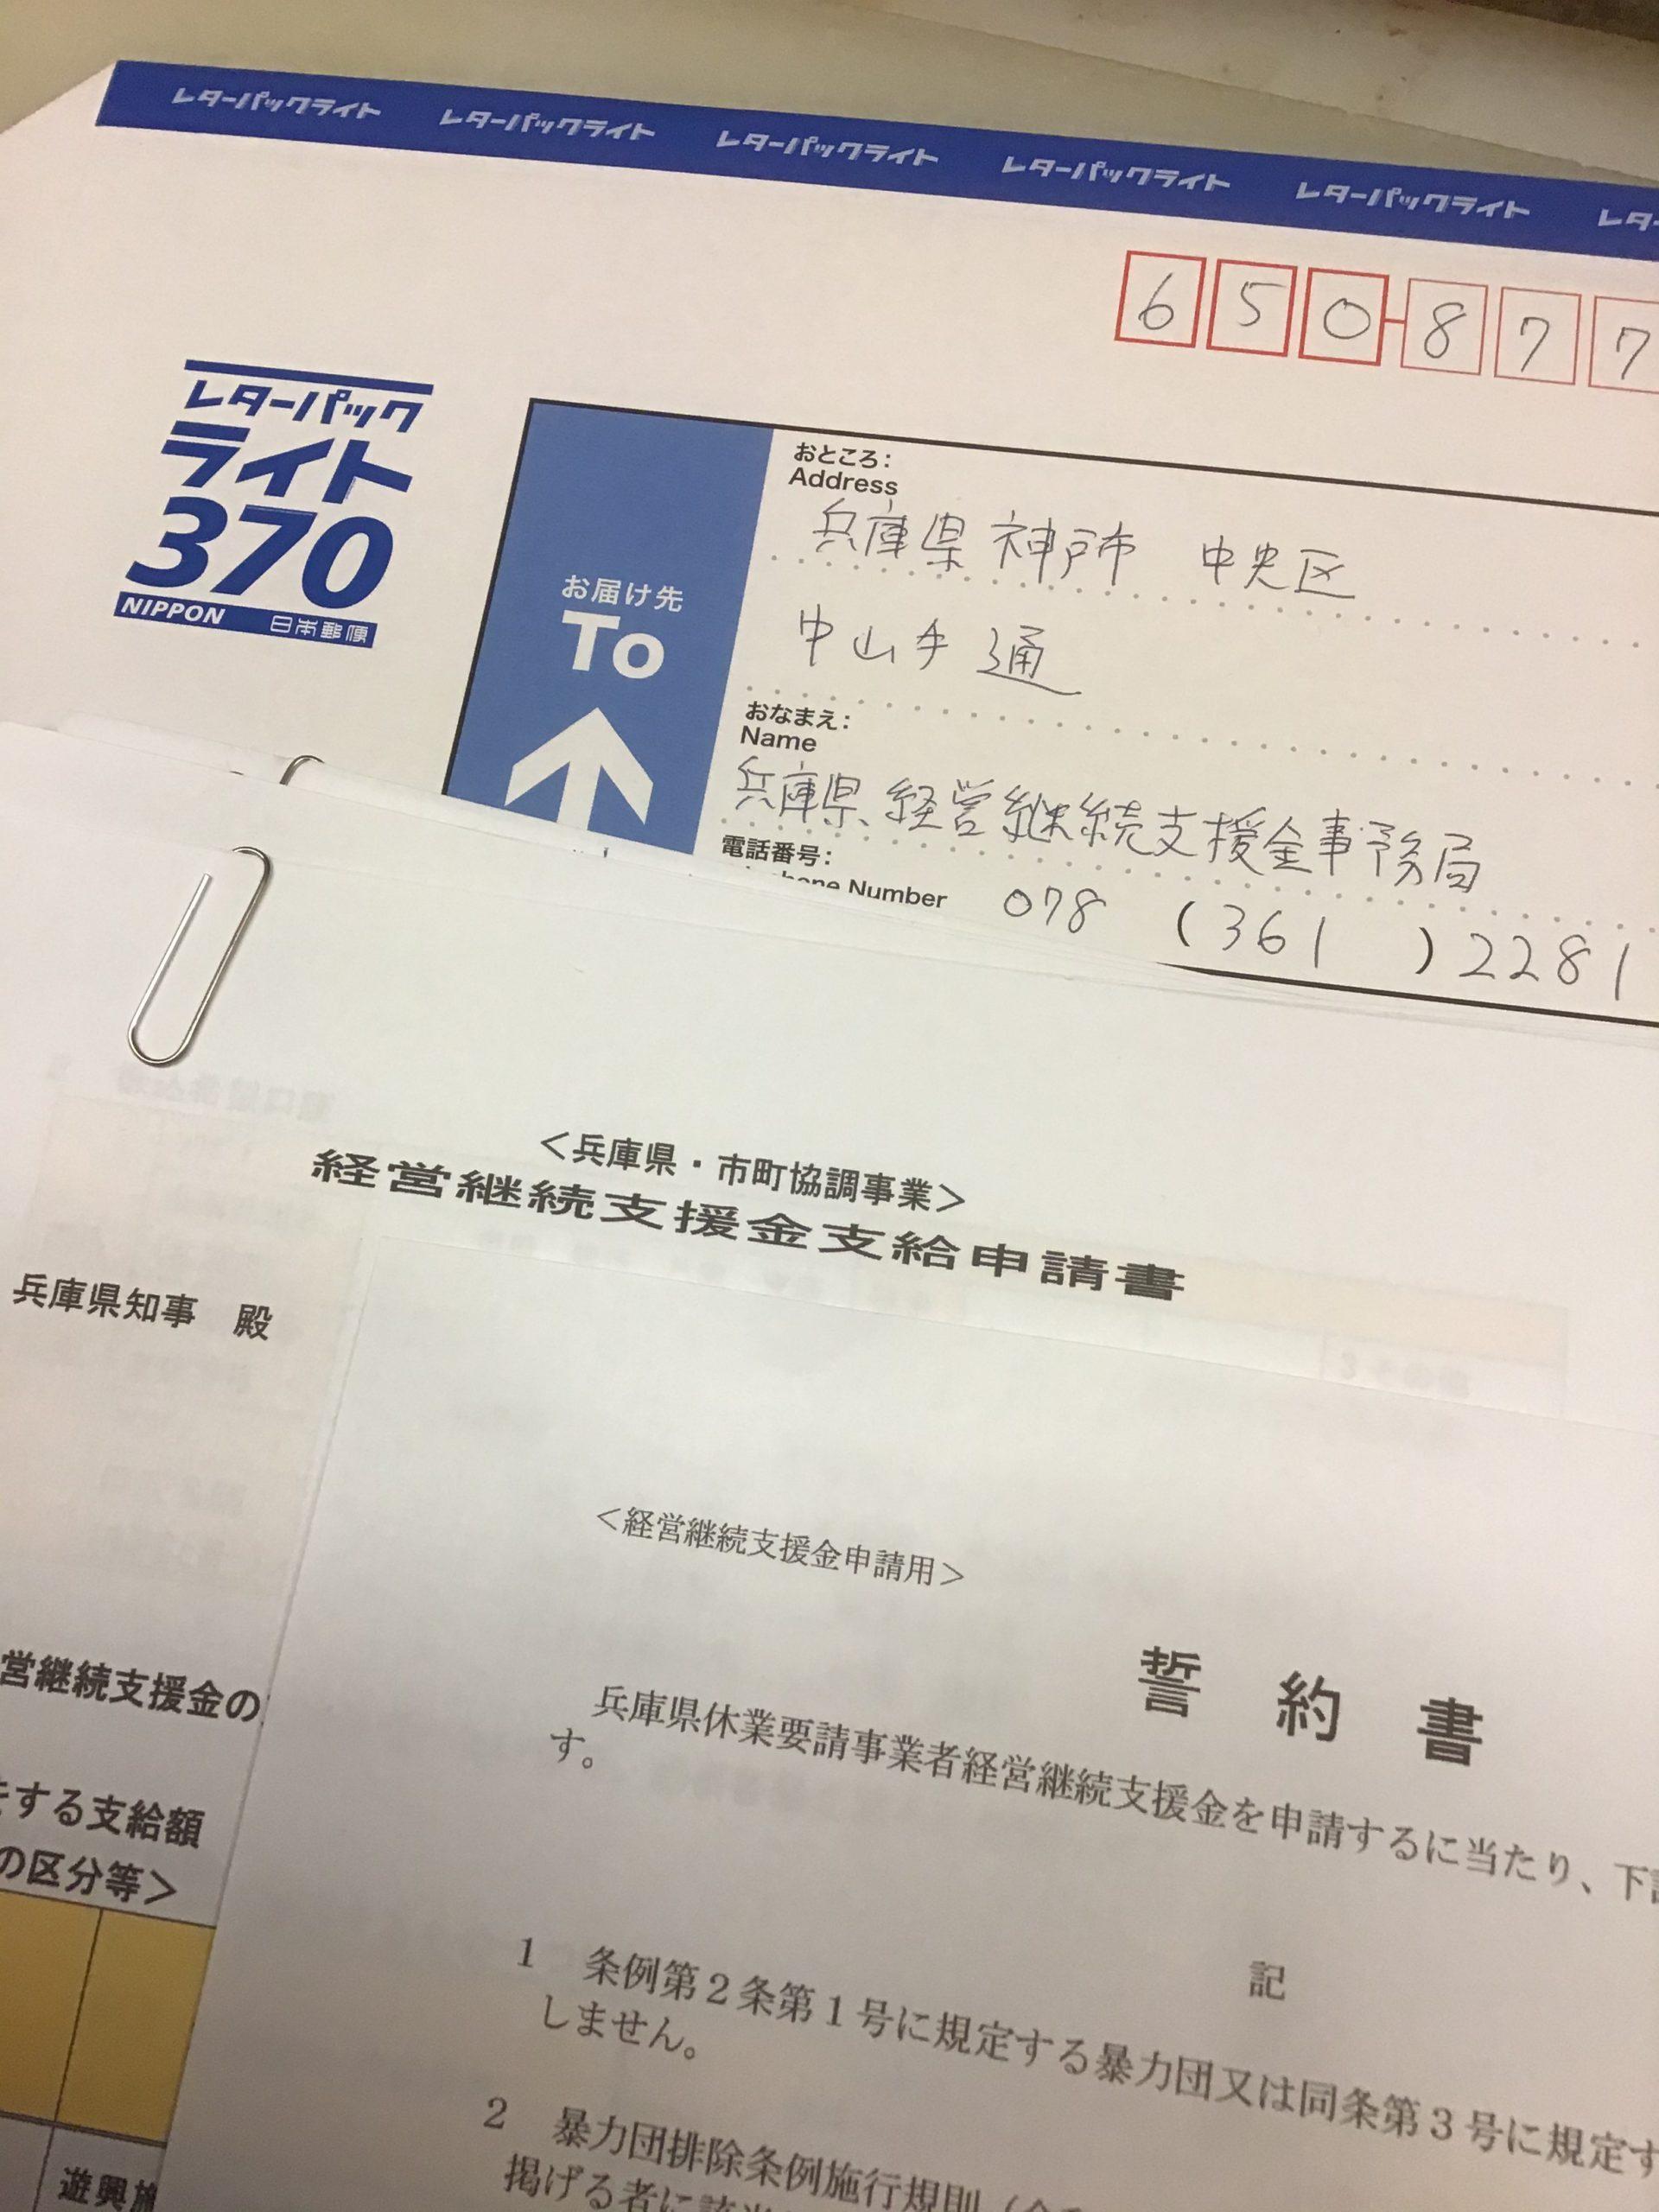 兵庫県経営継続支援金を申請しました